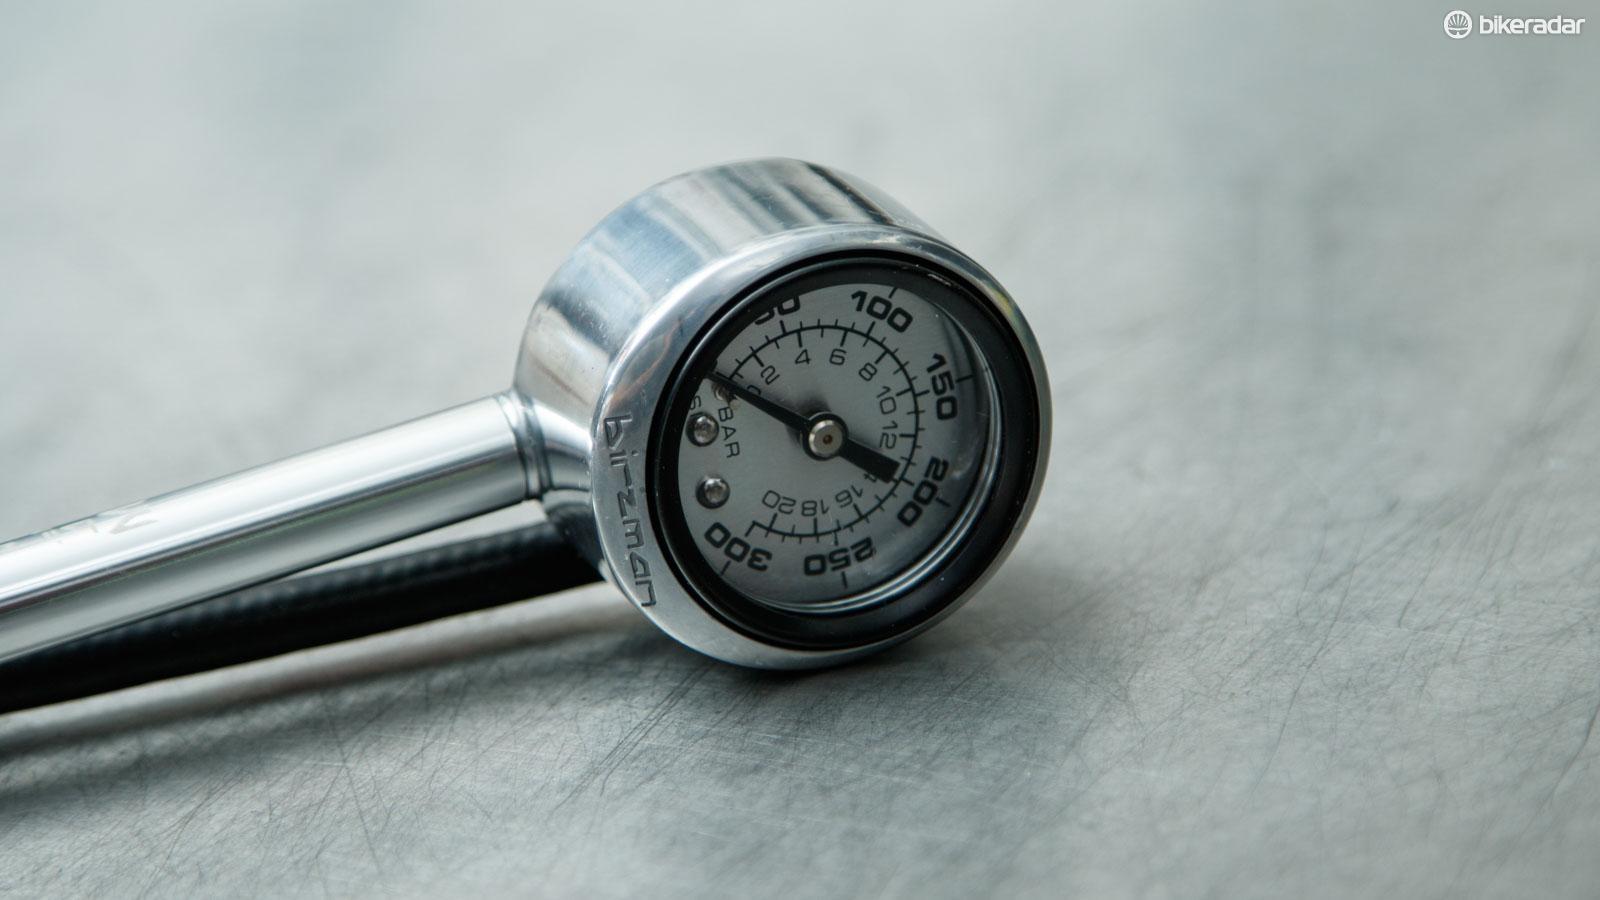 chock pump pressure gauge